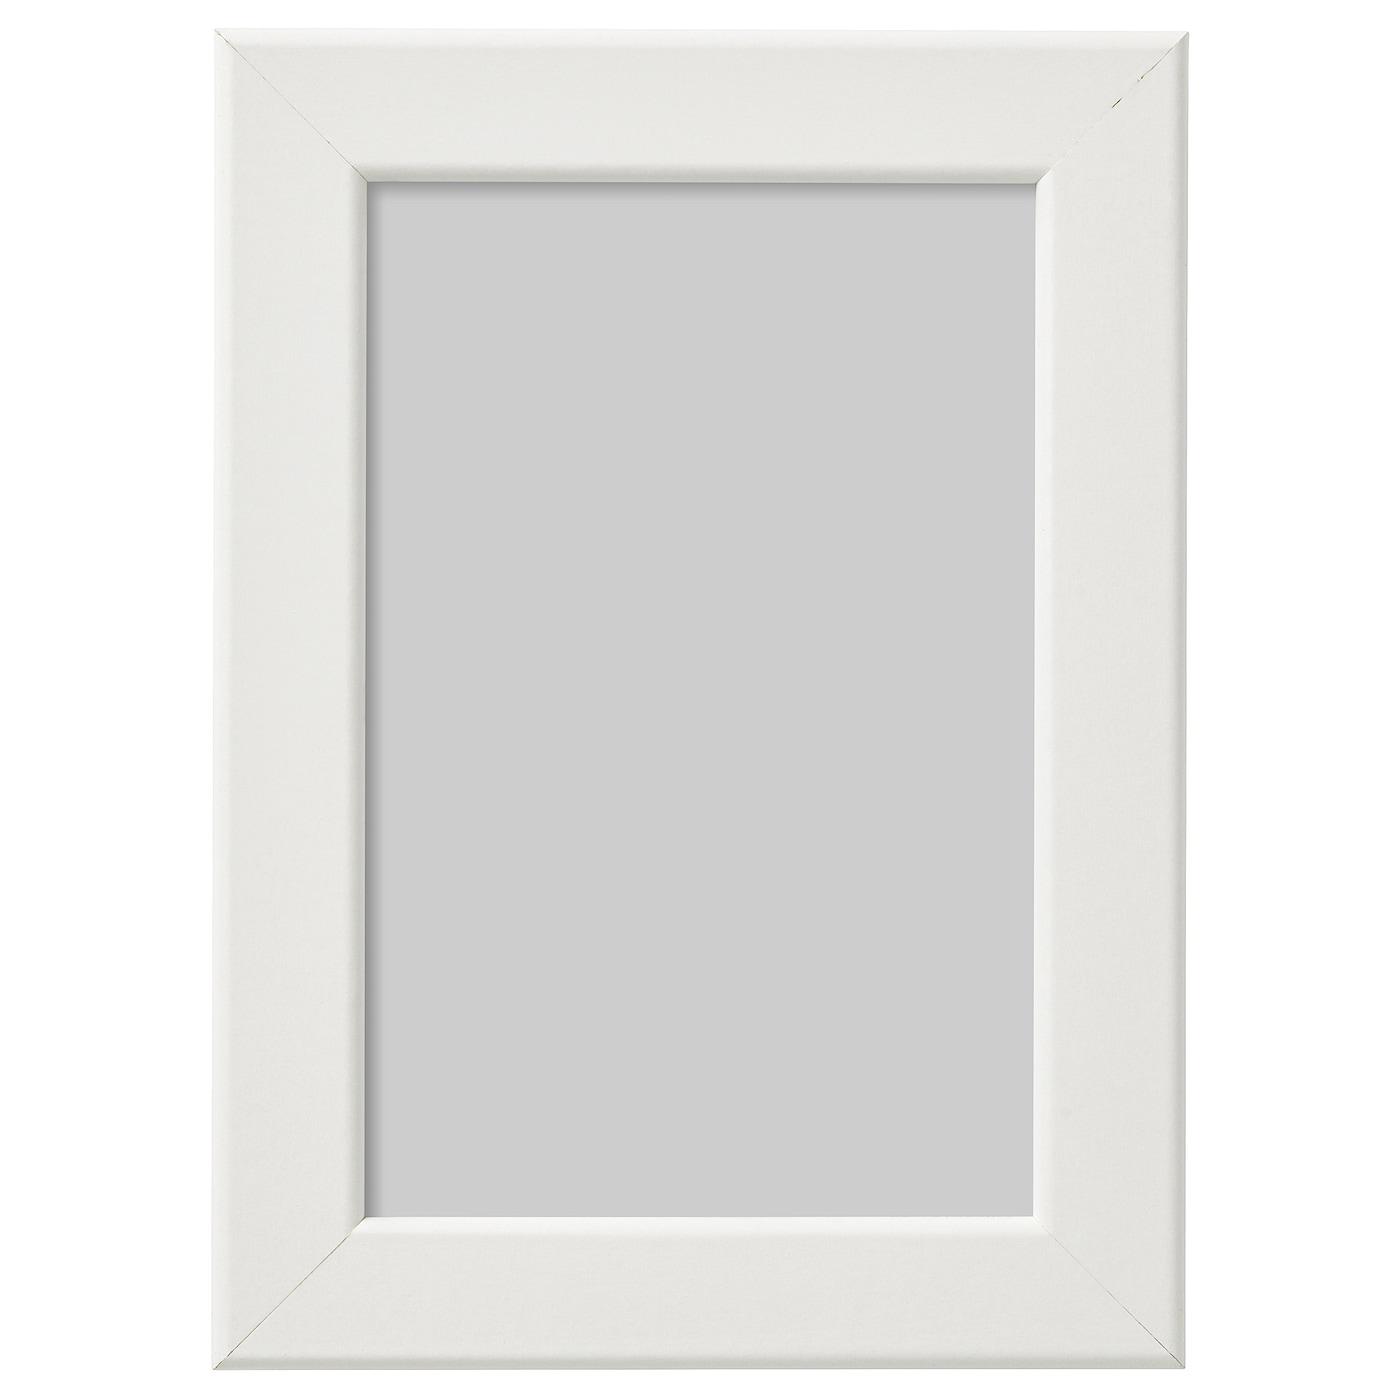 Marcos dibujos y l minas para cuadros compra online ikea - Ikea marco fotos ...